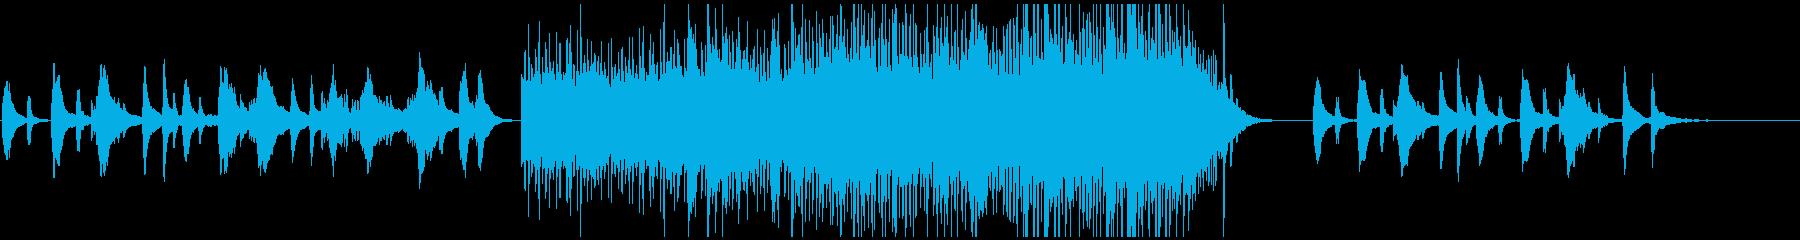 爽やかで透明感溢れるハープと弦(水音無しの再生済みの波形